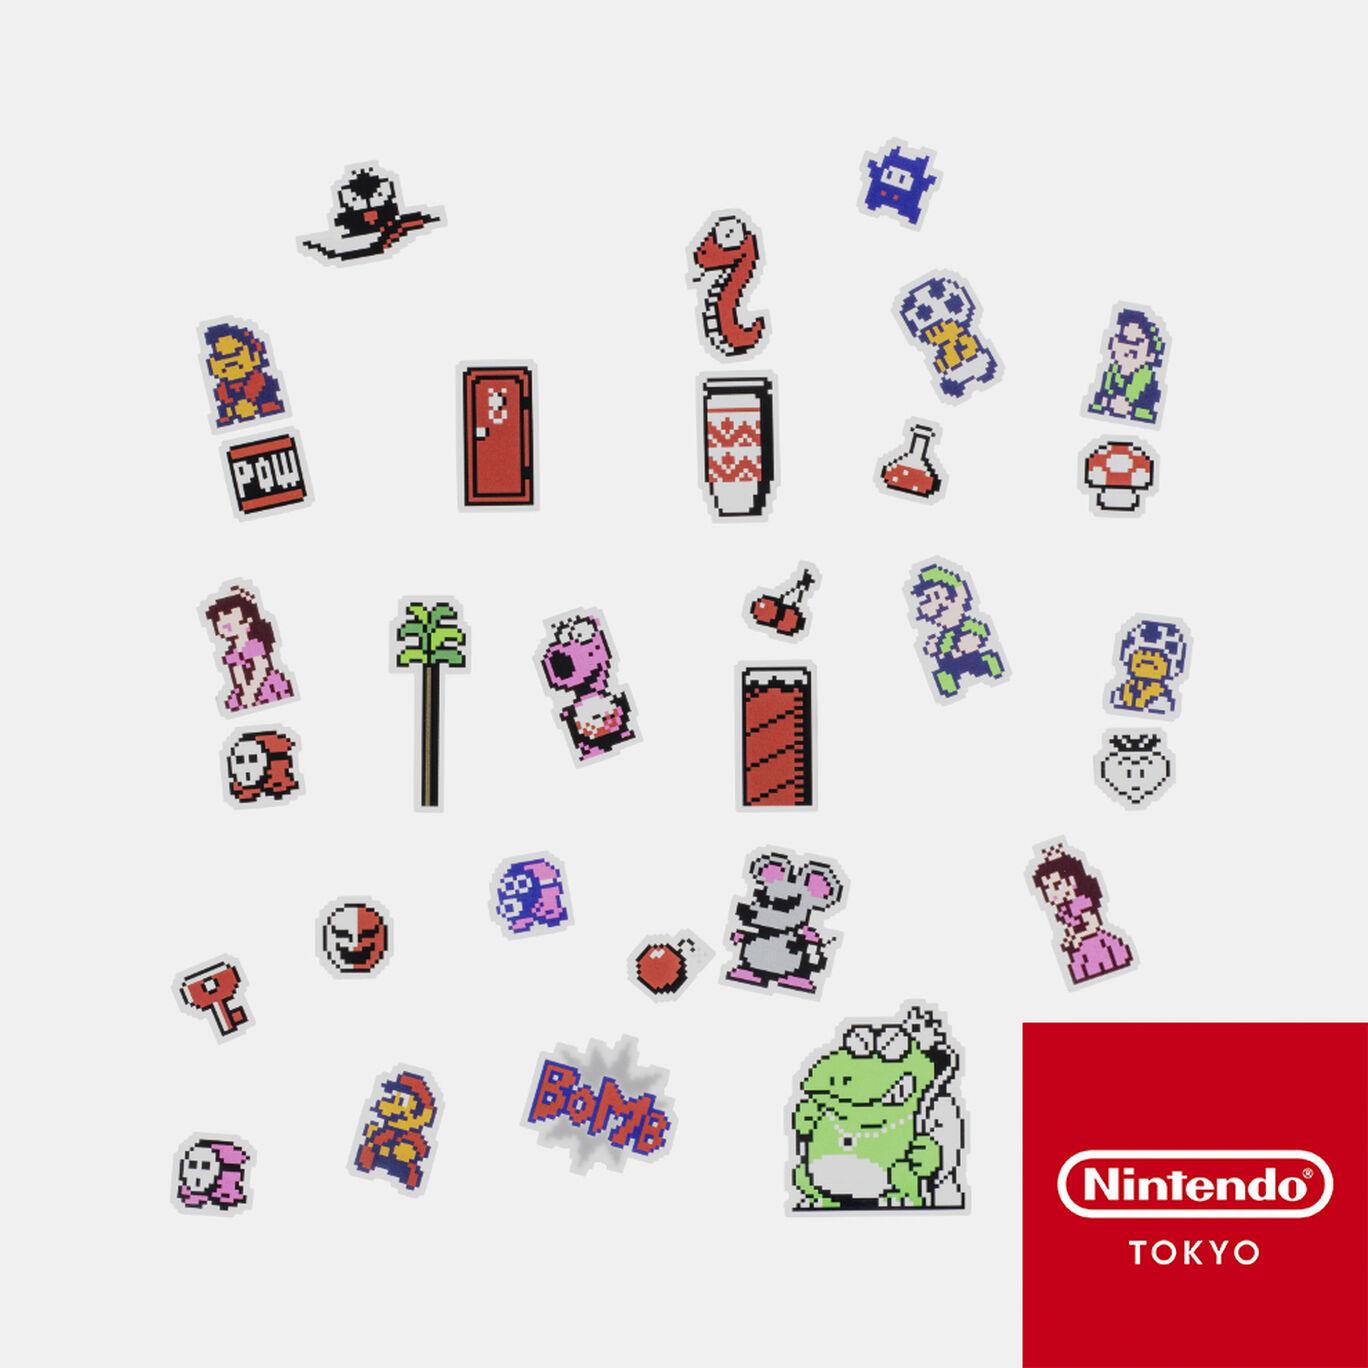 フレークシール スーパーマリオUSA【Nintendo TOKYO取り扱い商品】